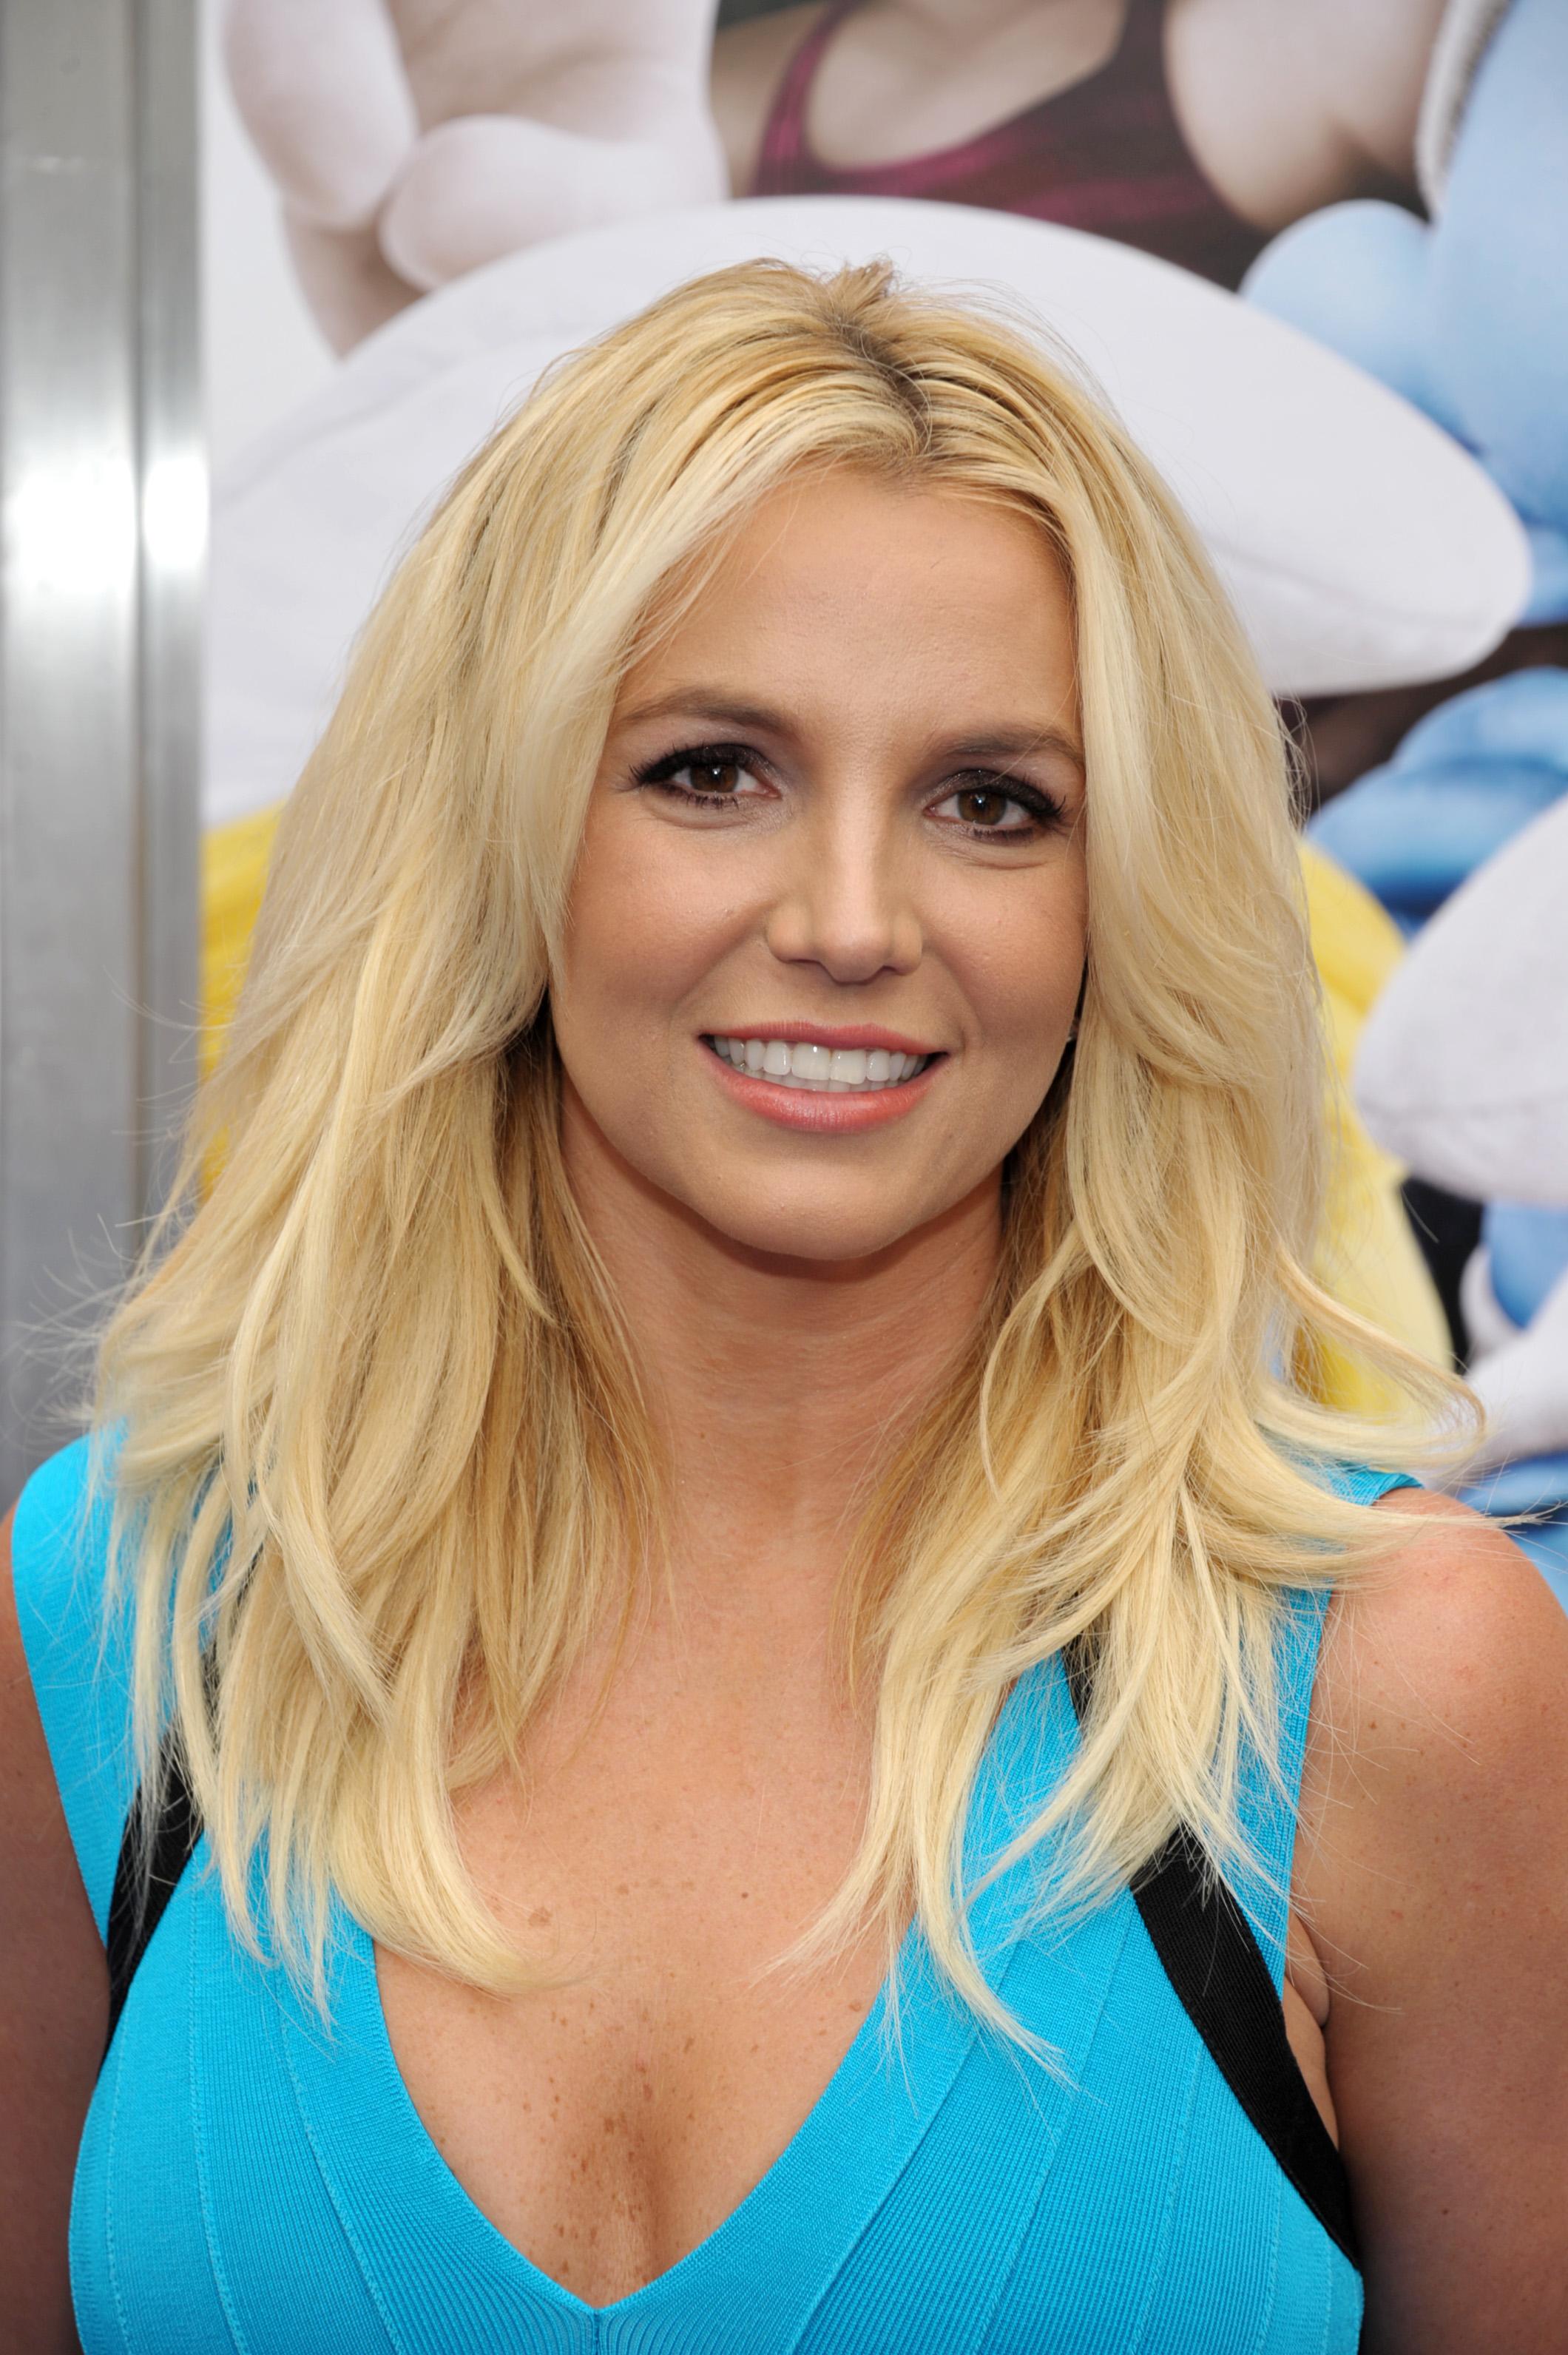 Певица Бритни Спирс считает, что инъекции в губы – это весело